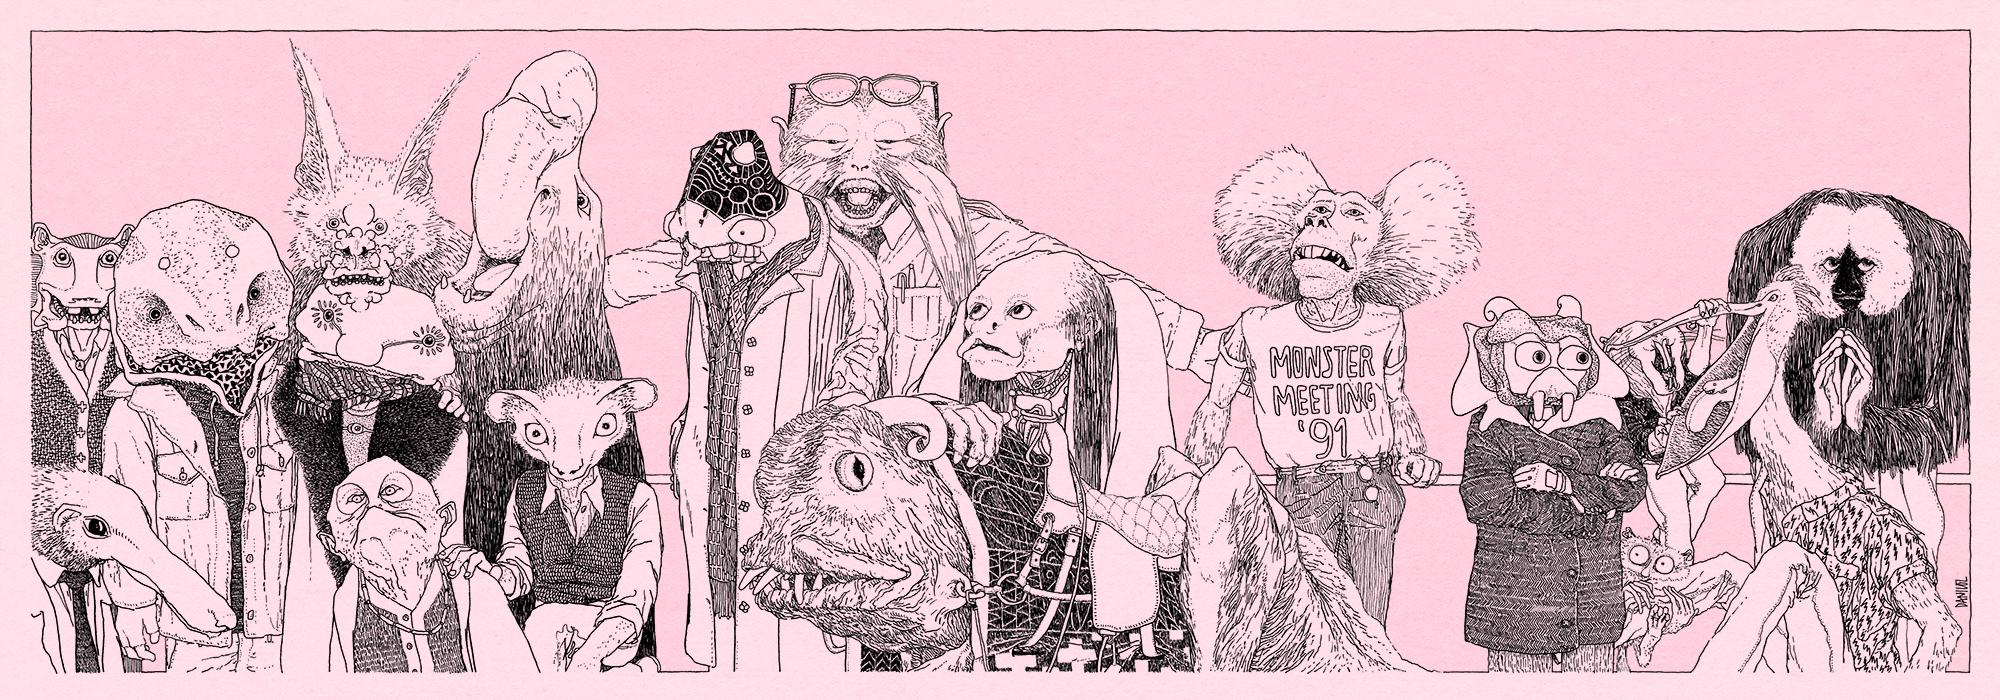 Poster-Monster-Meeting-02-daniloz